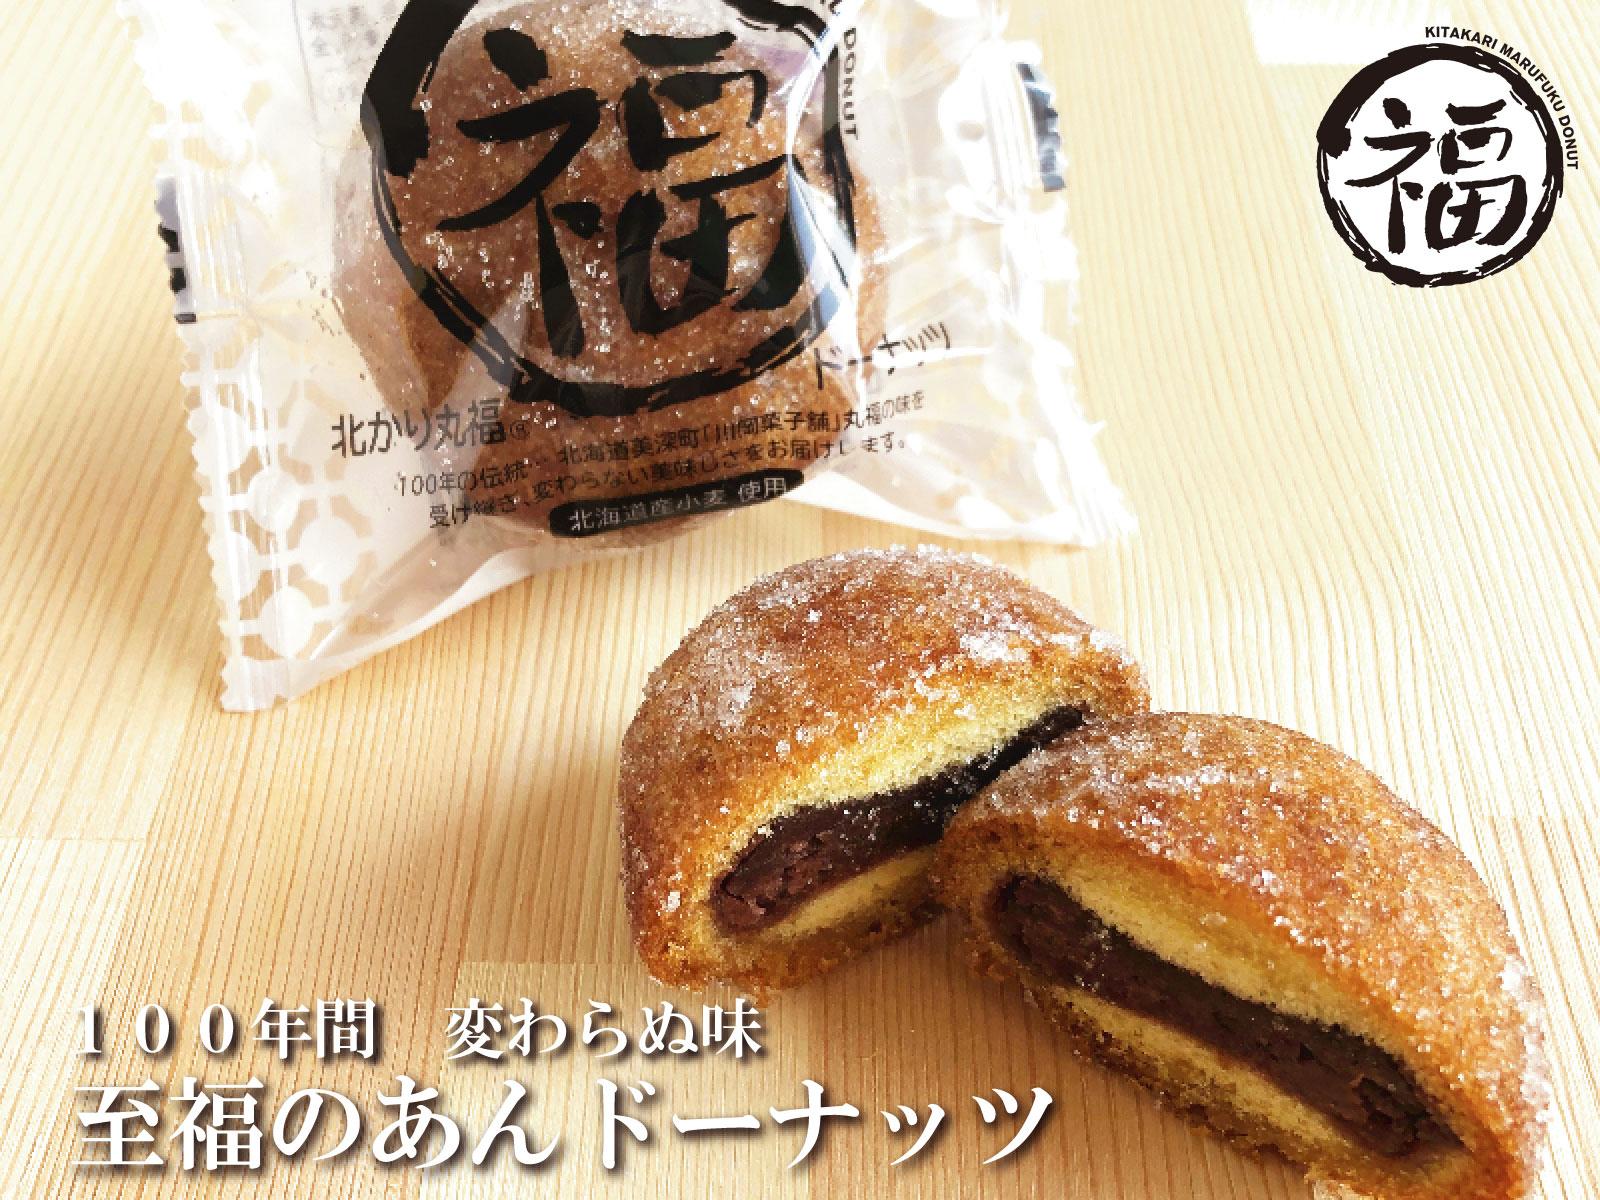 北海道 あんドーナッツ あんこ アンドーナツ あんドーナツ あんどーなつ お取り寄せ ドーナッツ どーなっつ